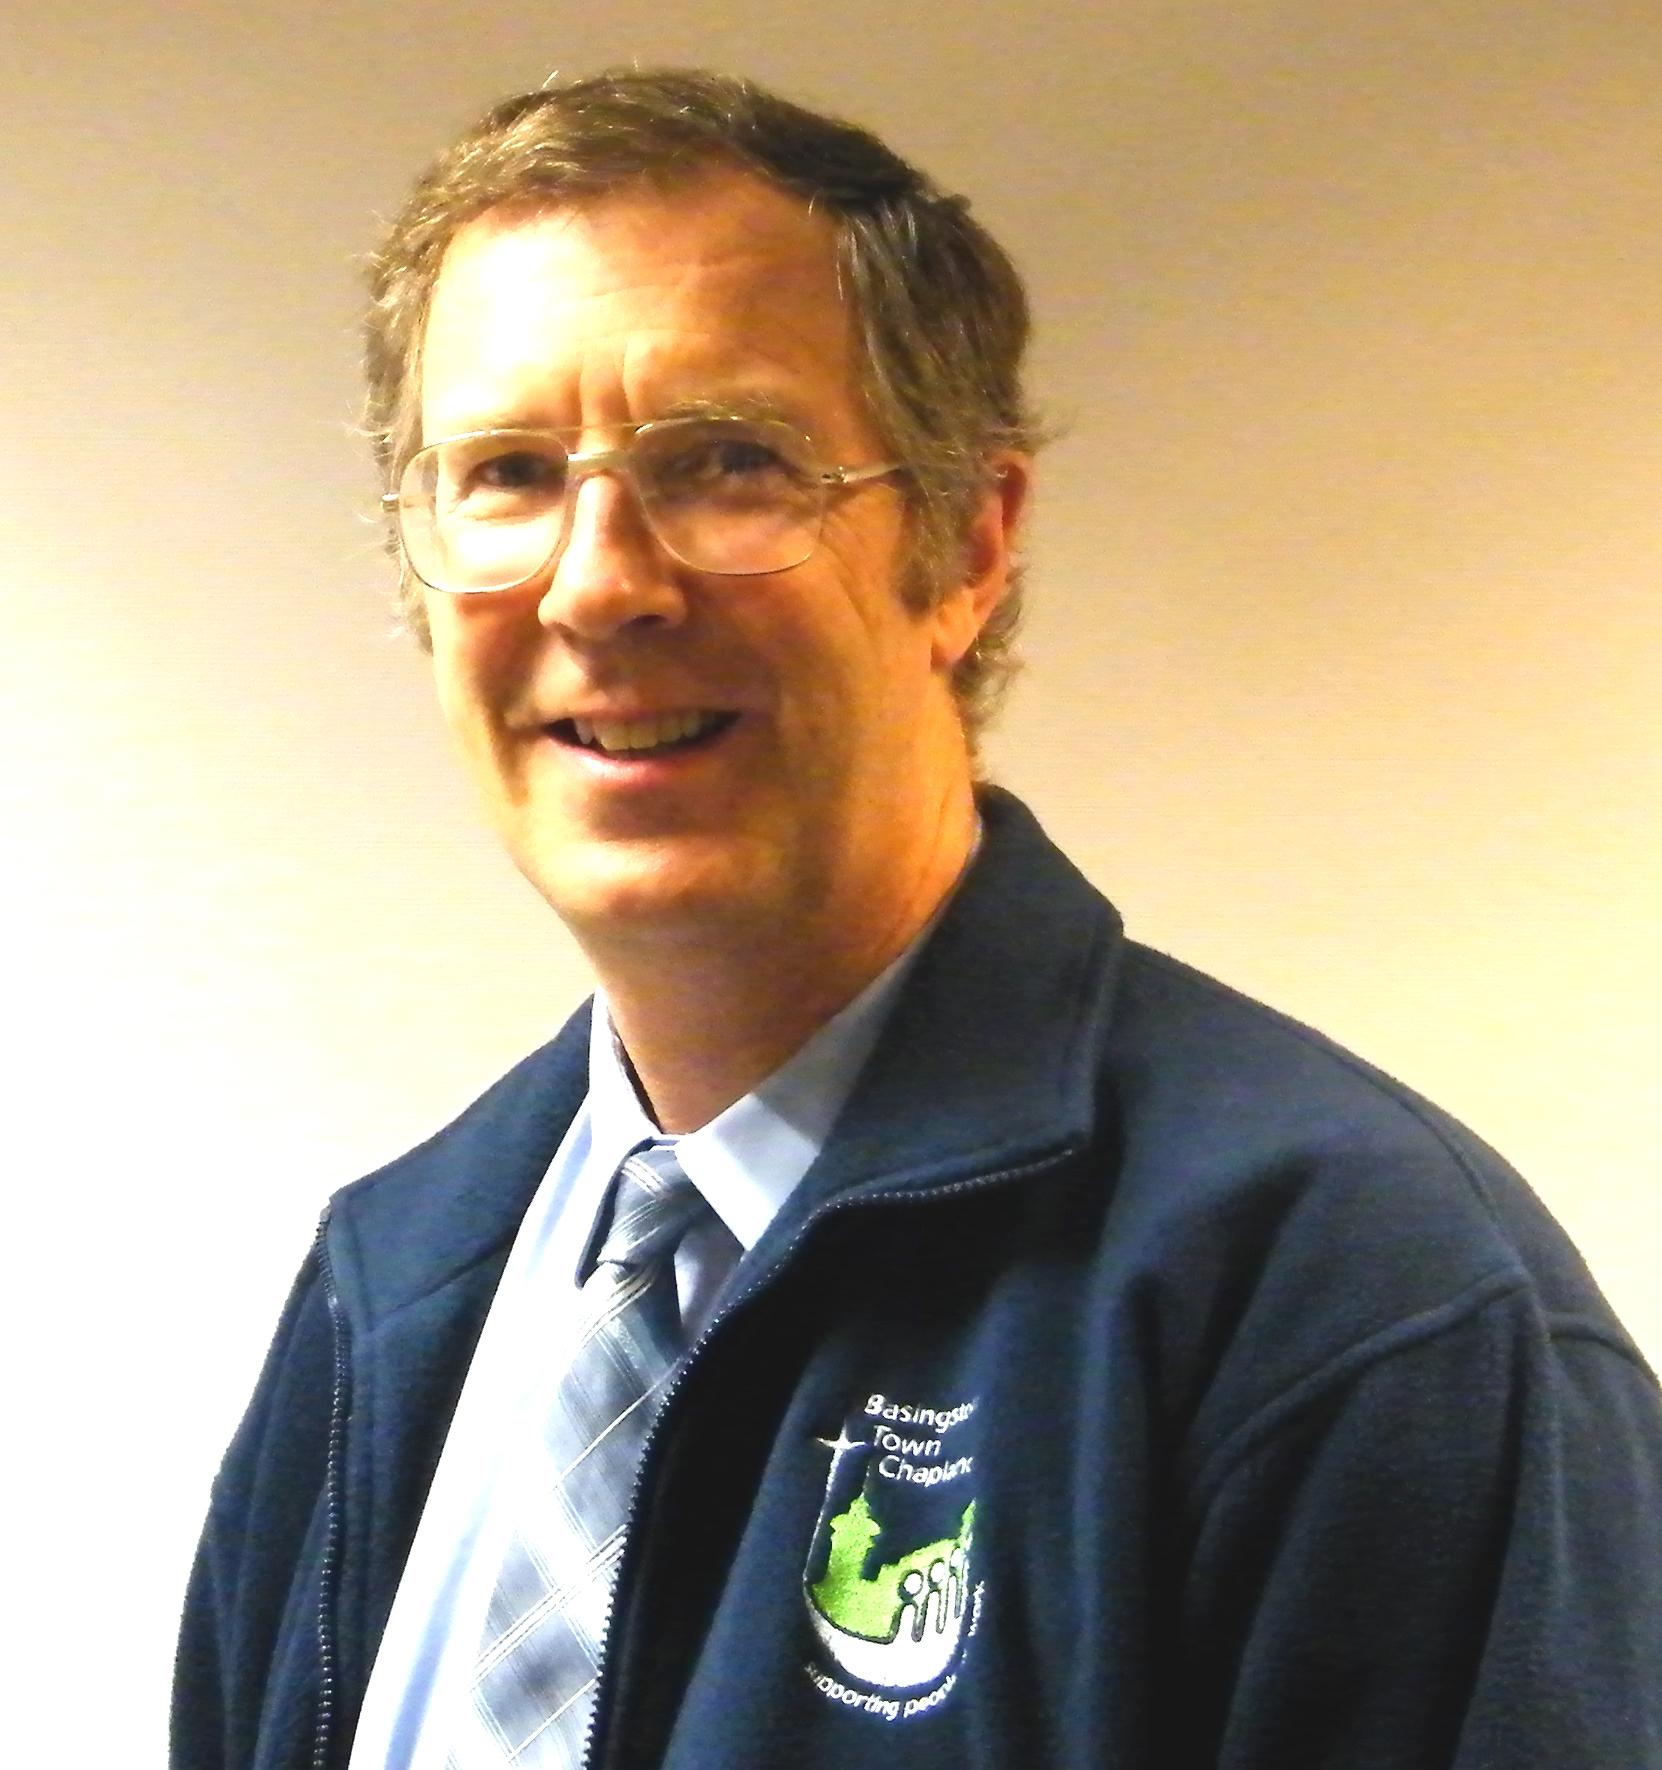 Tim Sanders